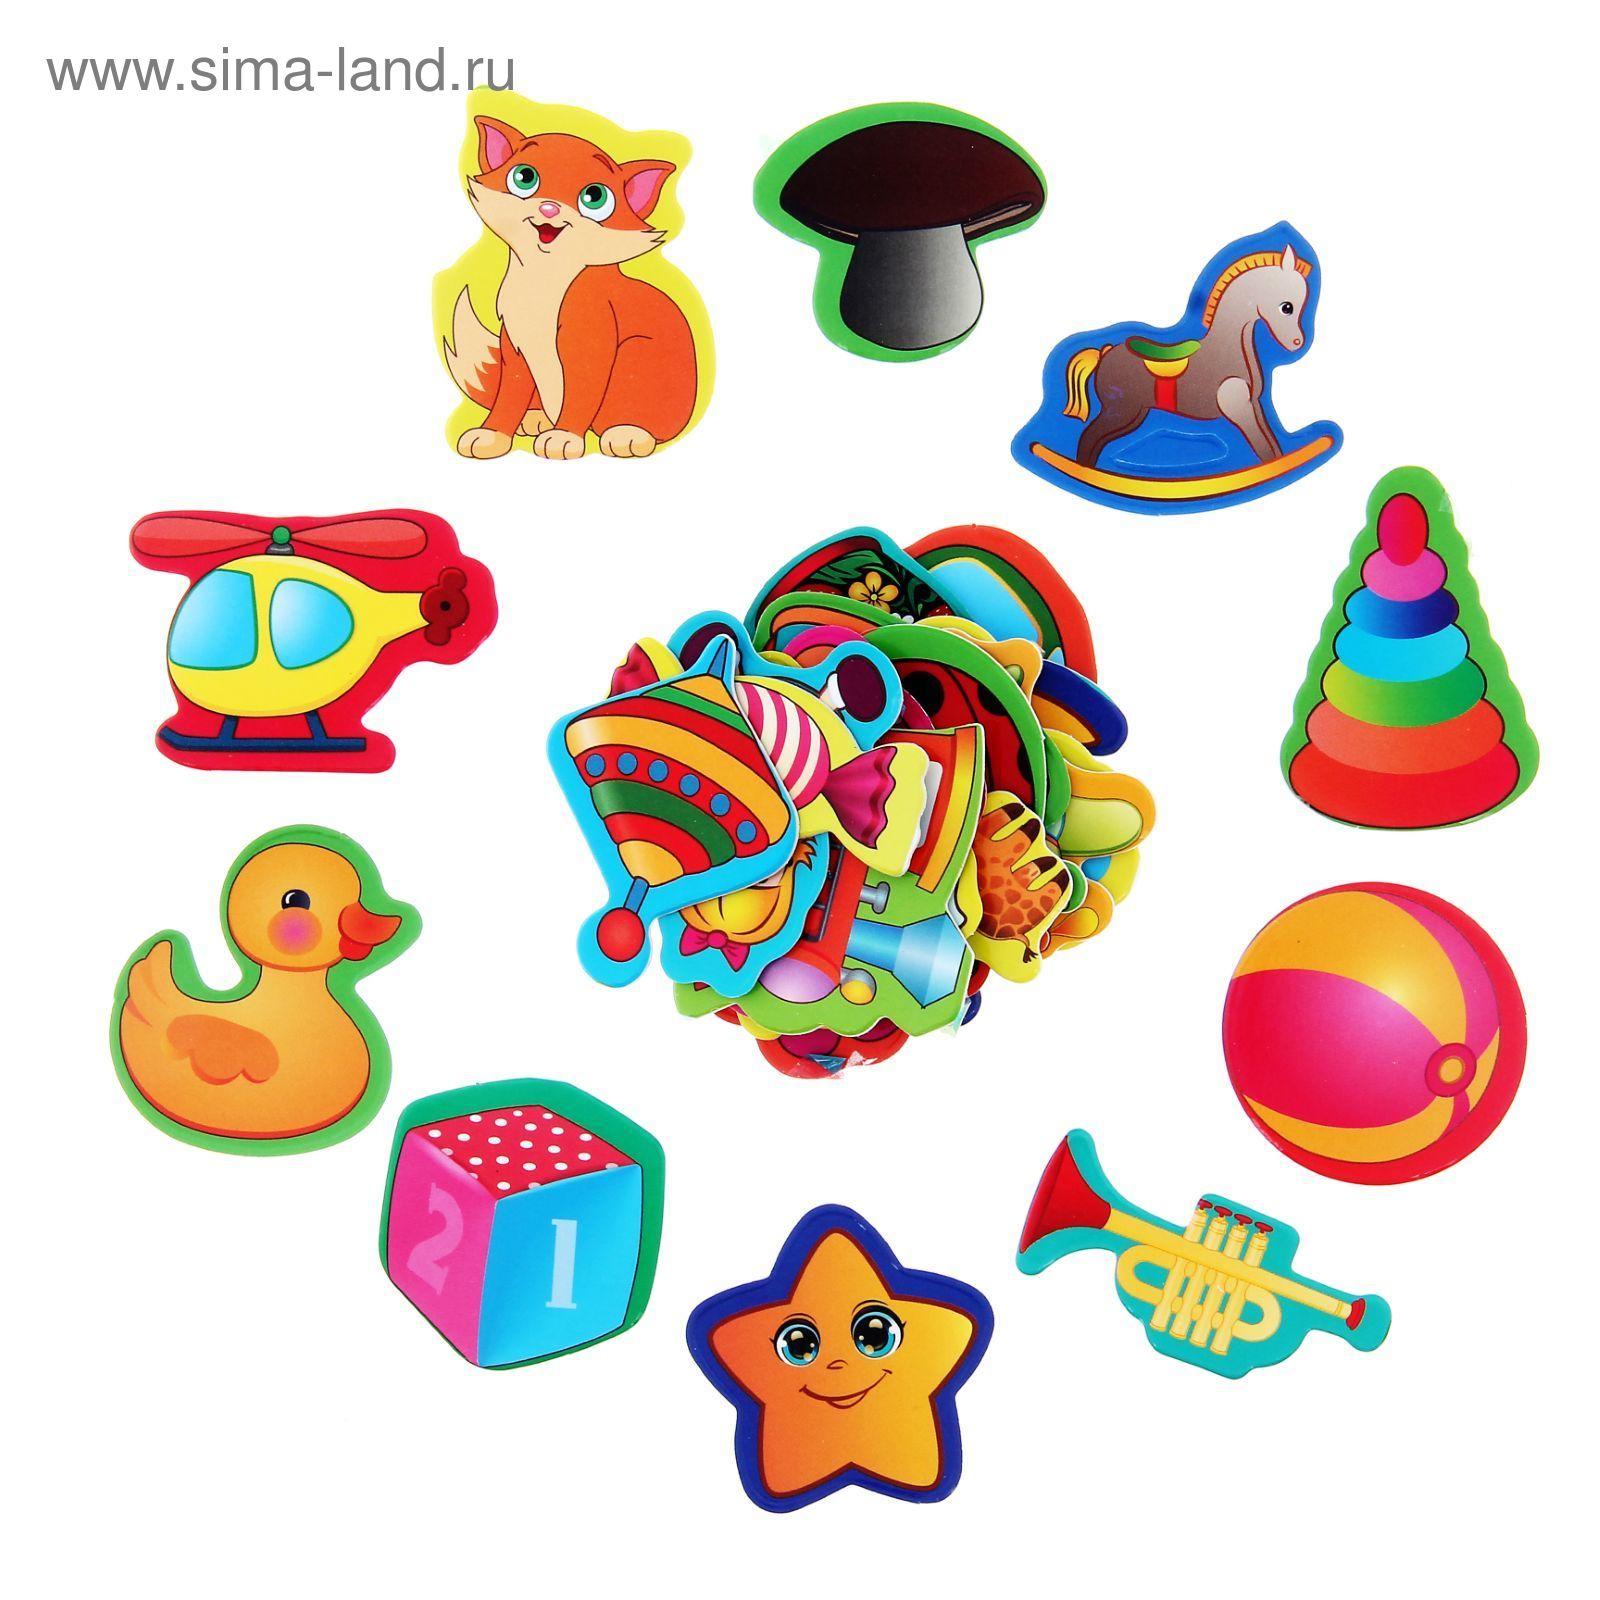 Открытки, картинка игрушки для детского сада